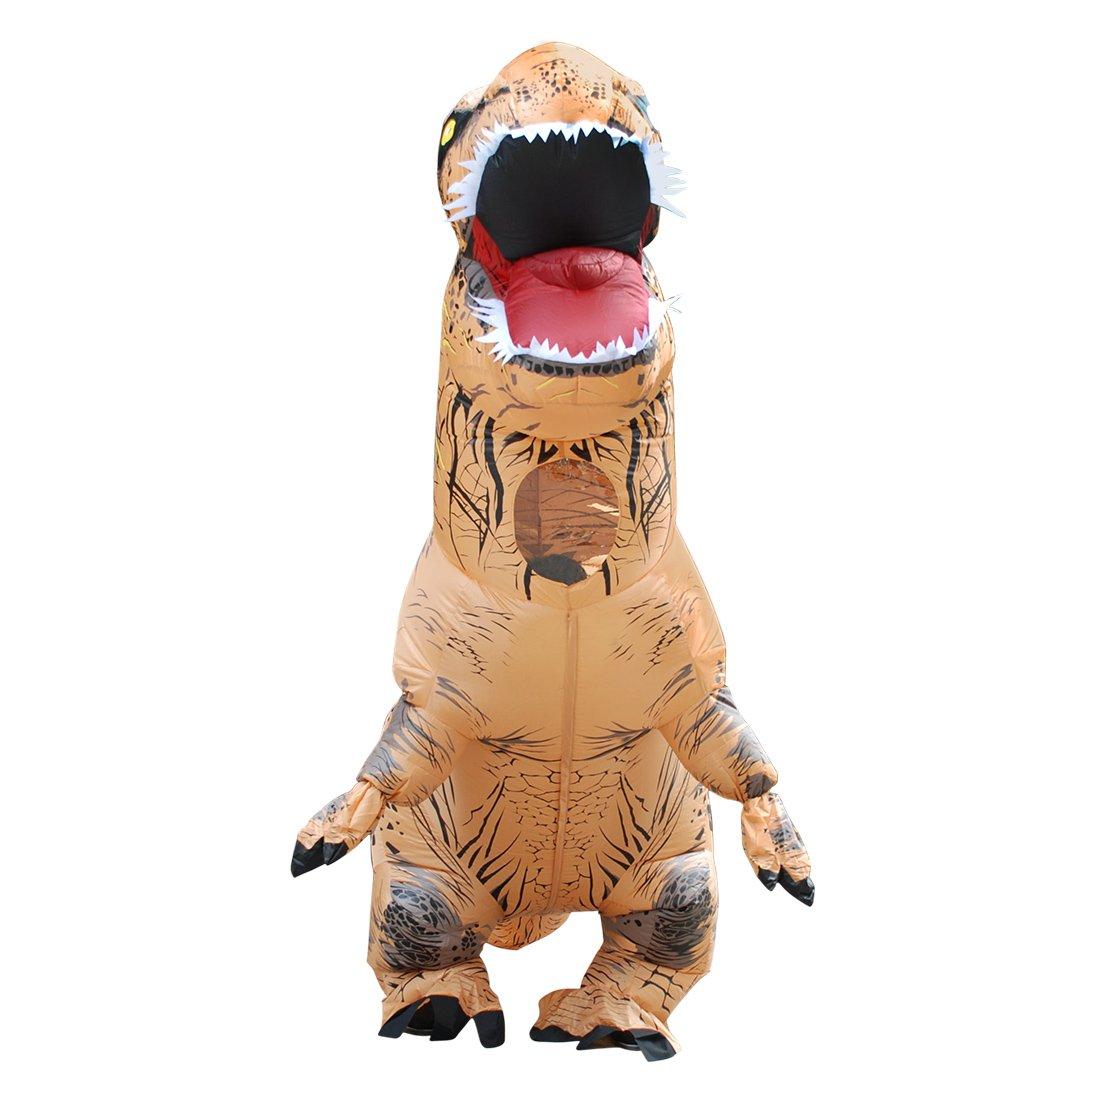 DUBAOBAO Dinosaurier Kostüm Erwachsene Kinder, Kostüm Aufblasbare Dinosaurier Kostüm Halloween Veranstaltung, Halloween Aufblasbare Dinosaurier Kostüm, Aufblasbare Tyrannosaurus Kostüm,